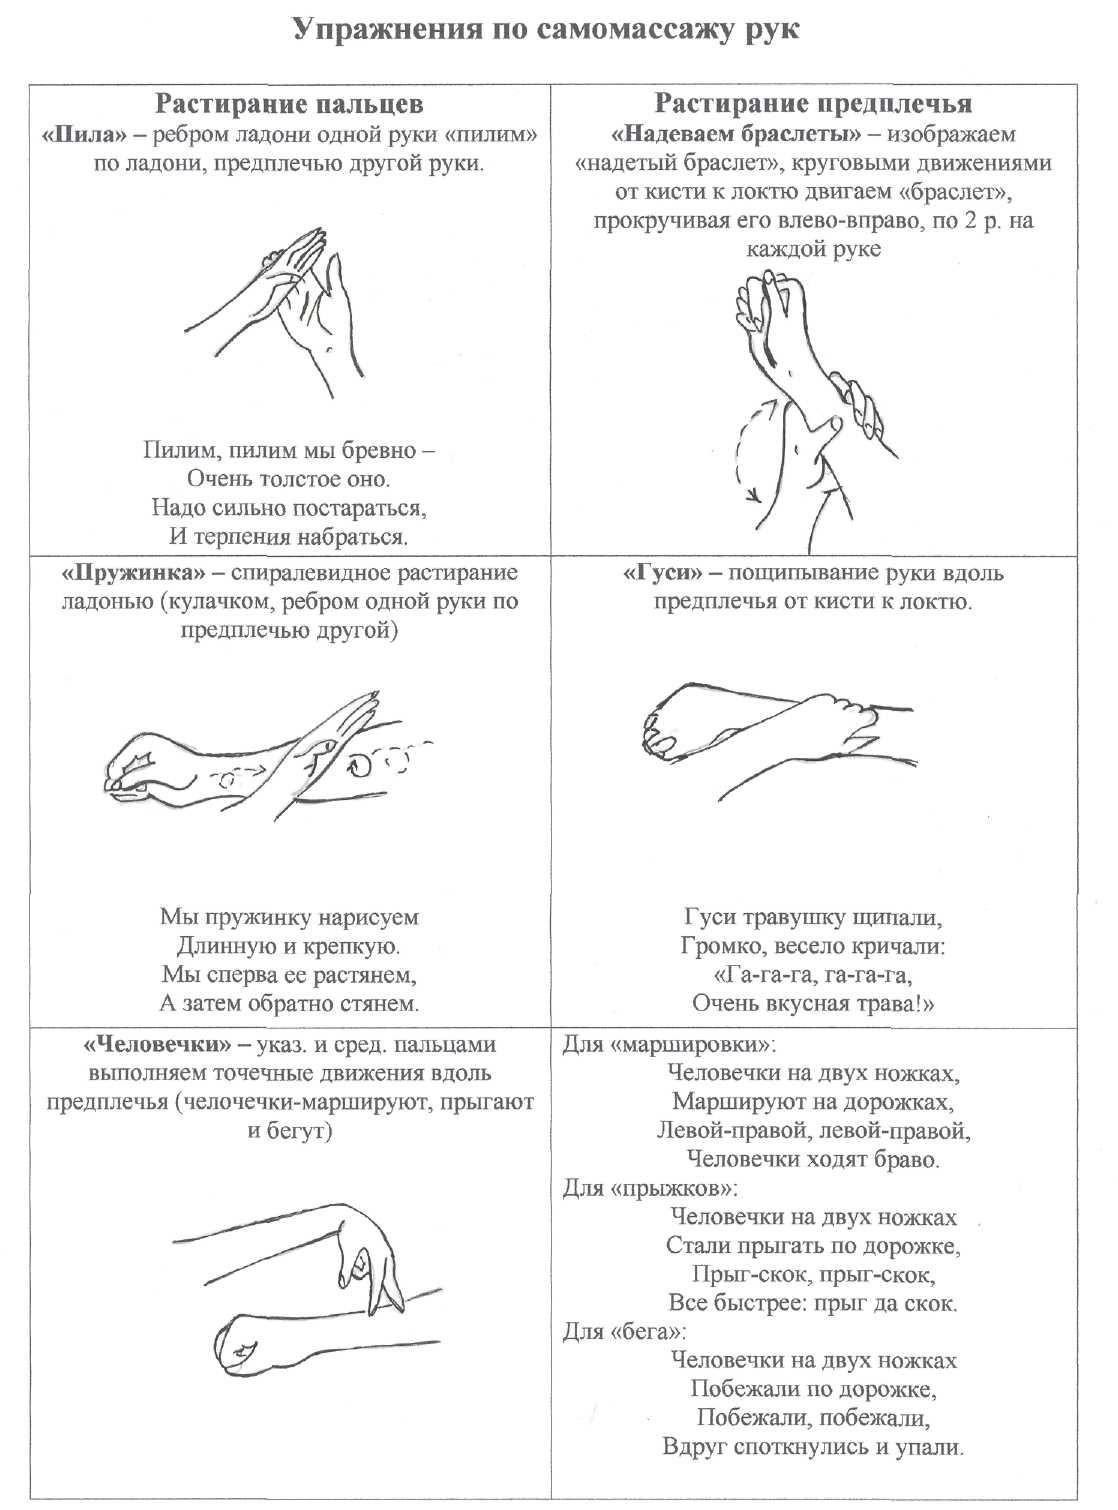 Упражнения по самомассажу рук